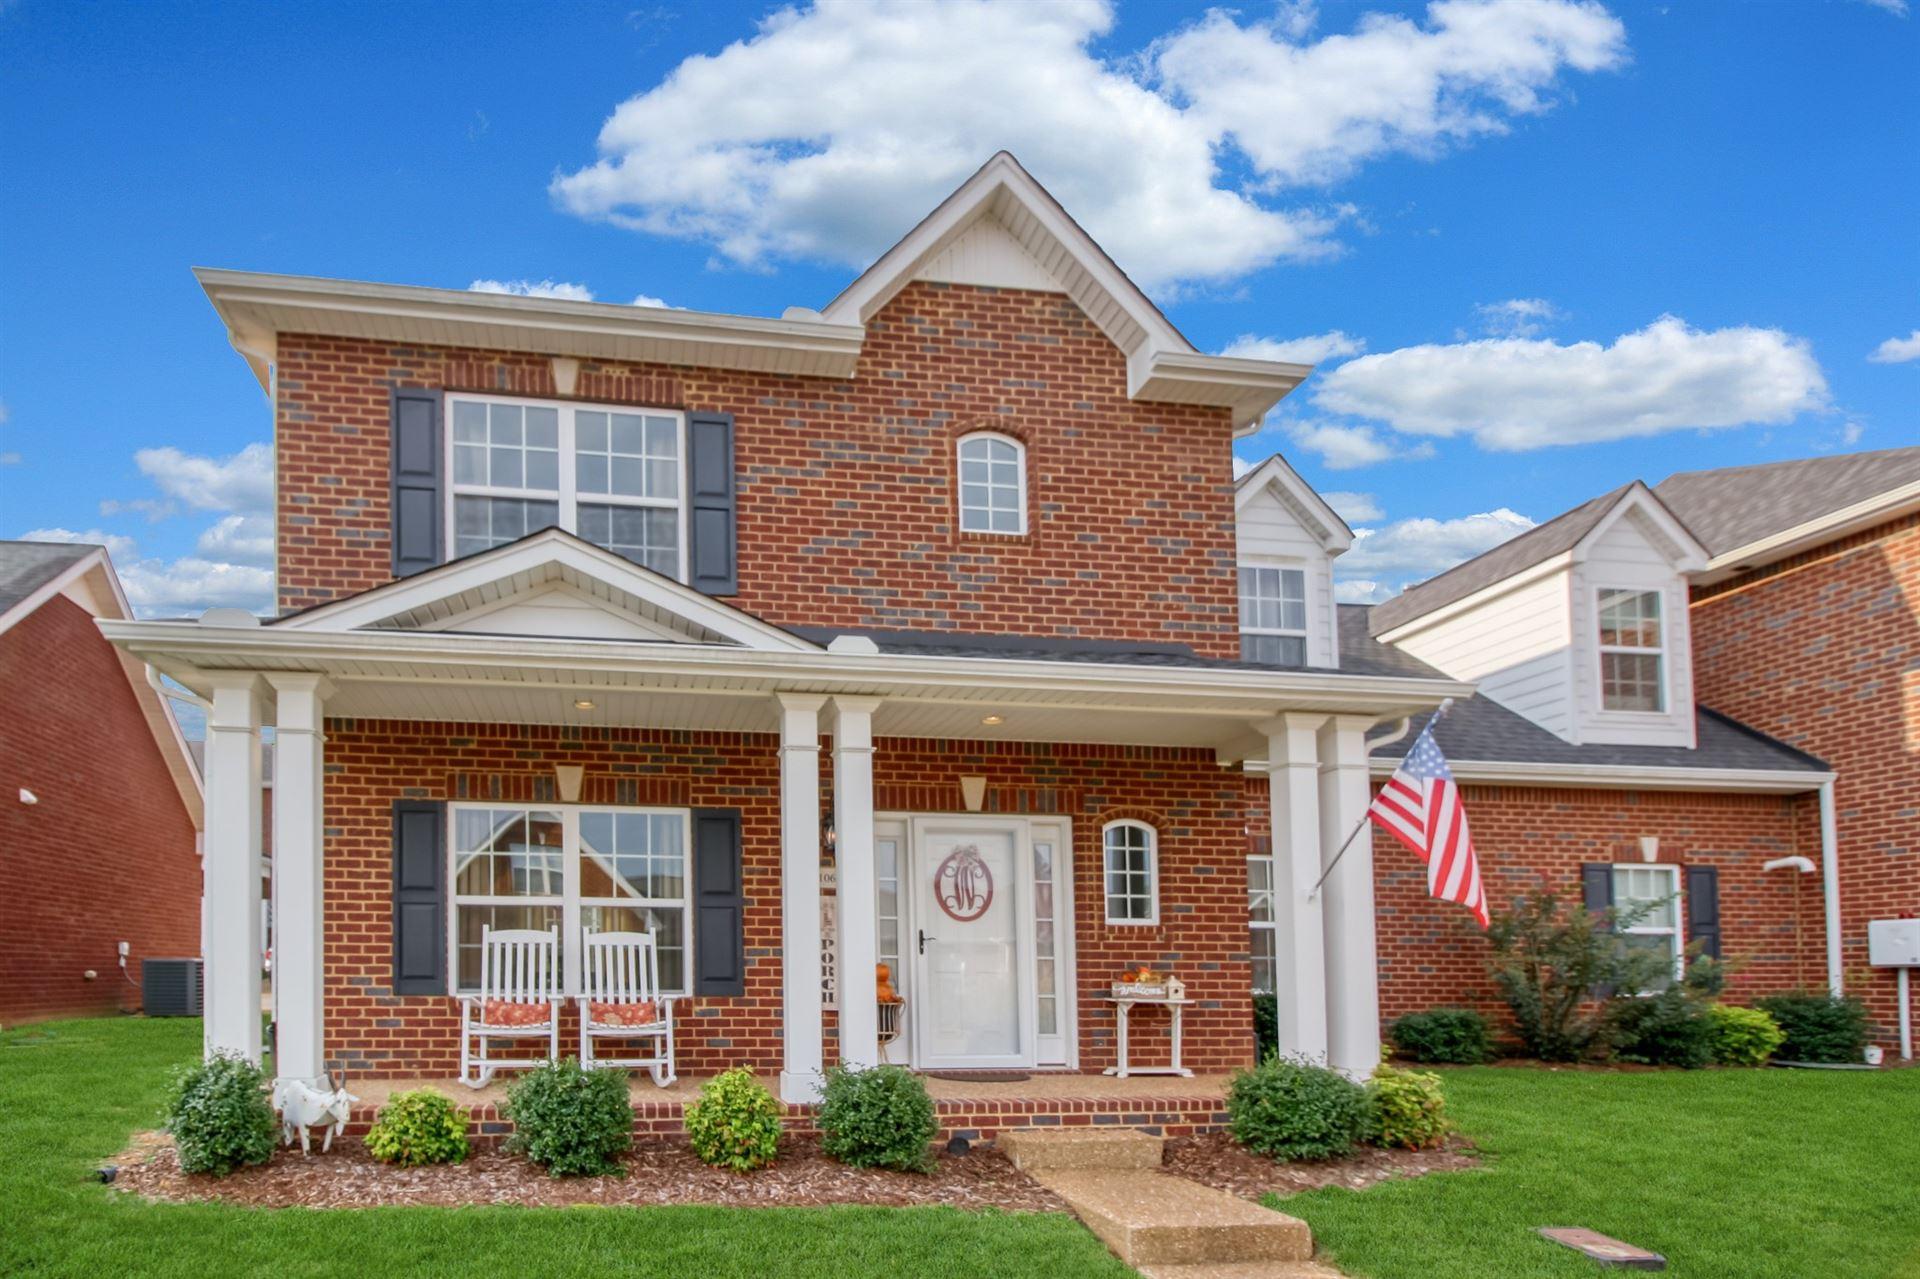 106 Abbey Ln, White House, TN 37188 - MLS#: 2196508